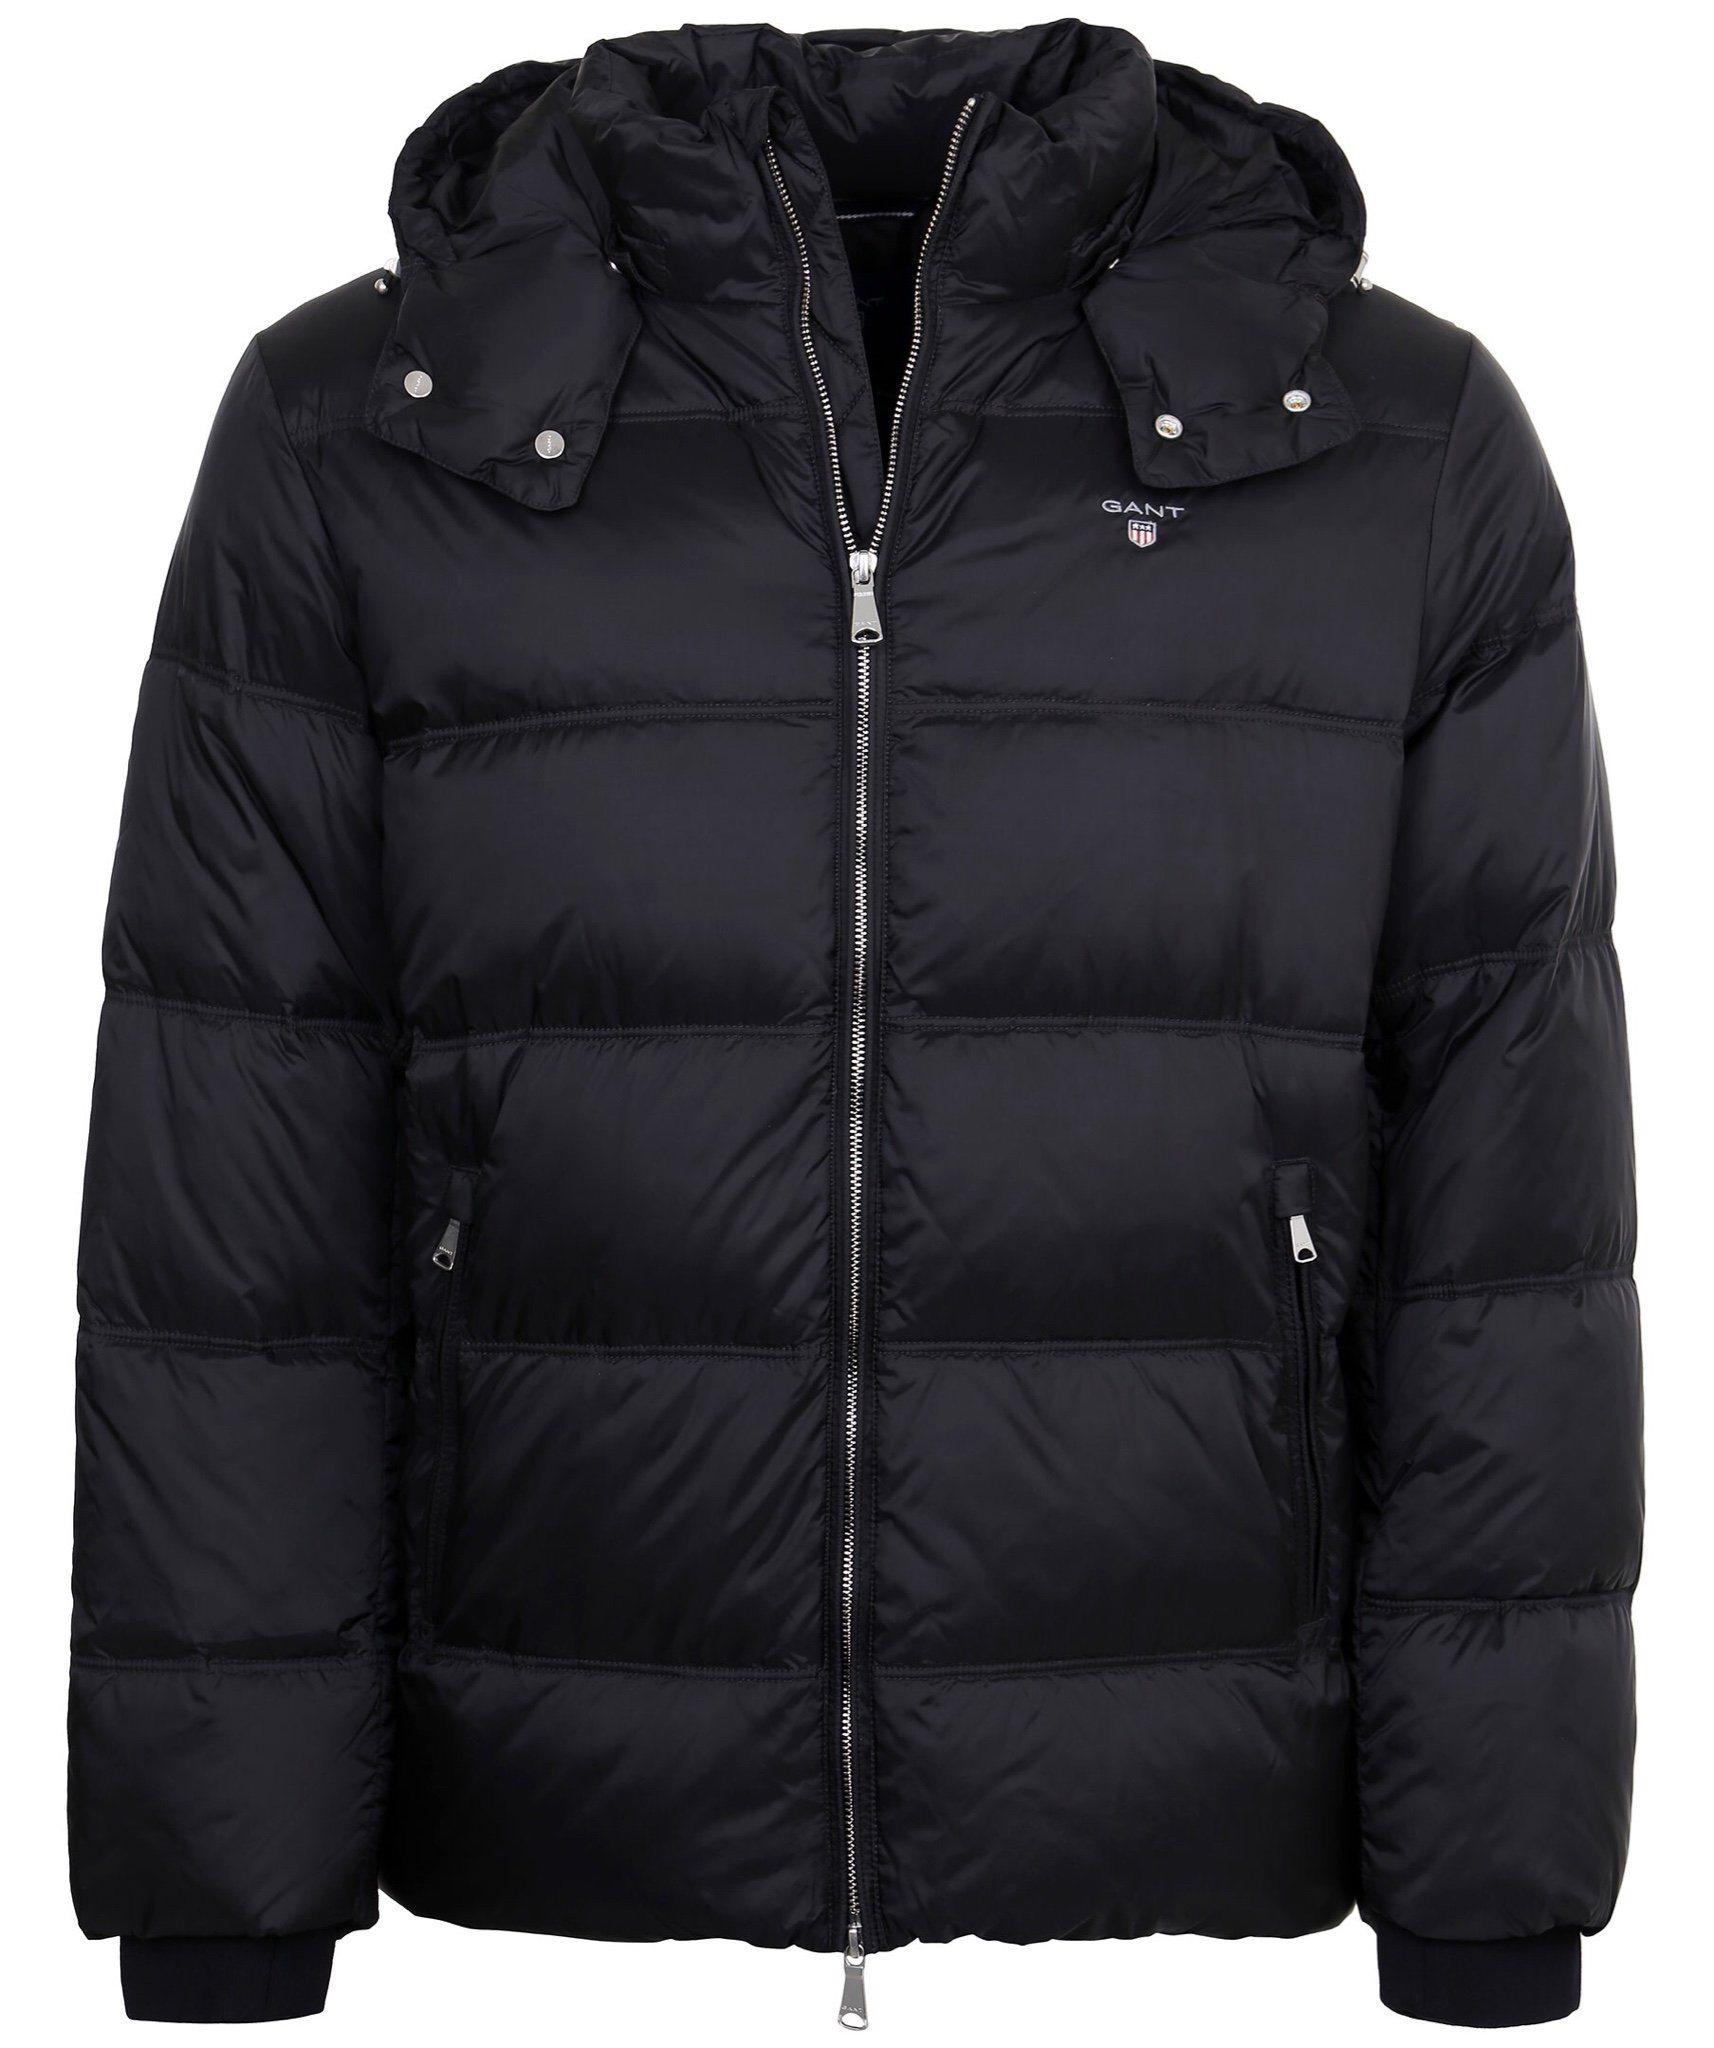 8e9f73ab816 Gant dunjacka Alta Down Black S (339237338) ᐈ Köp på Tradera